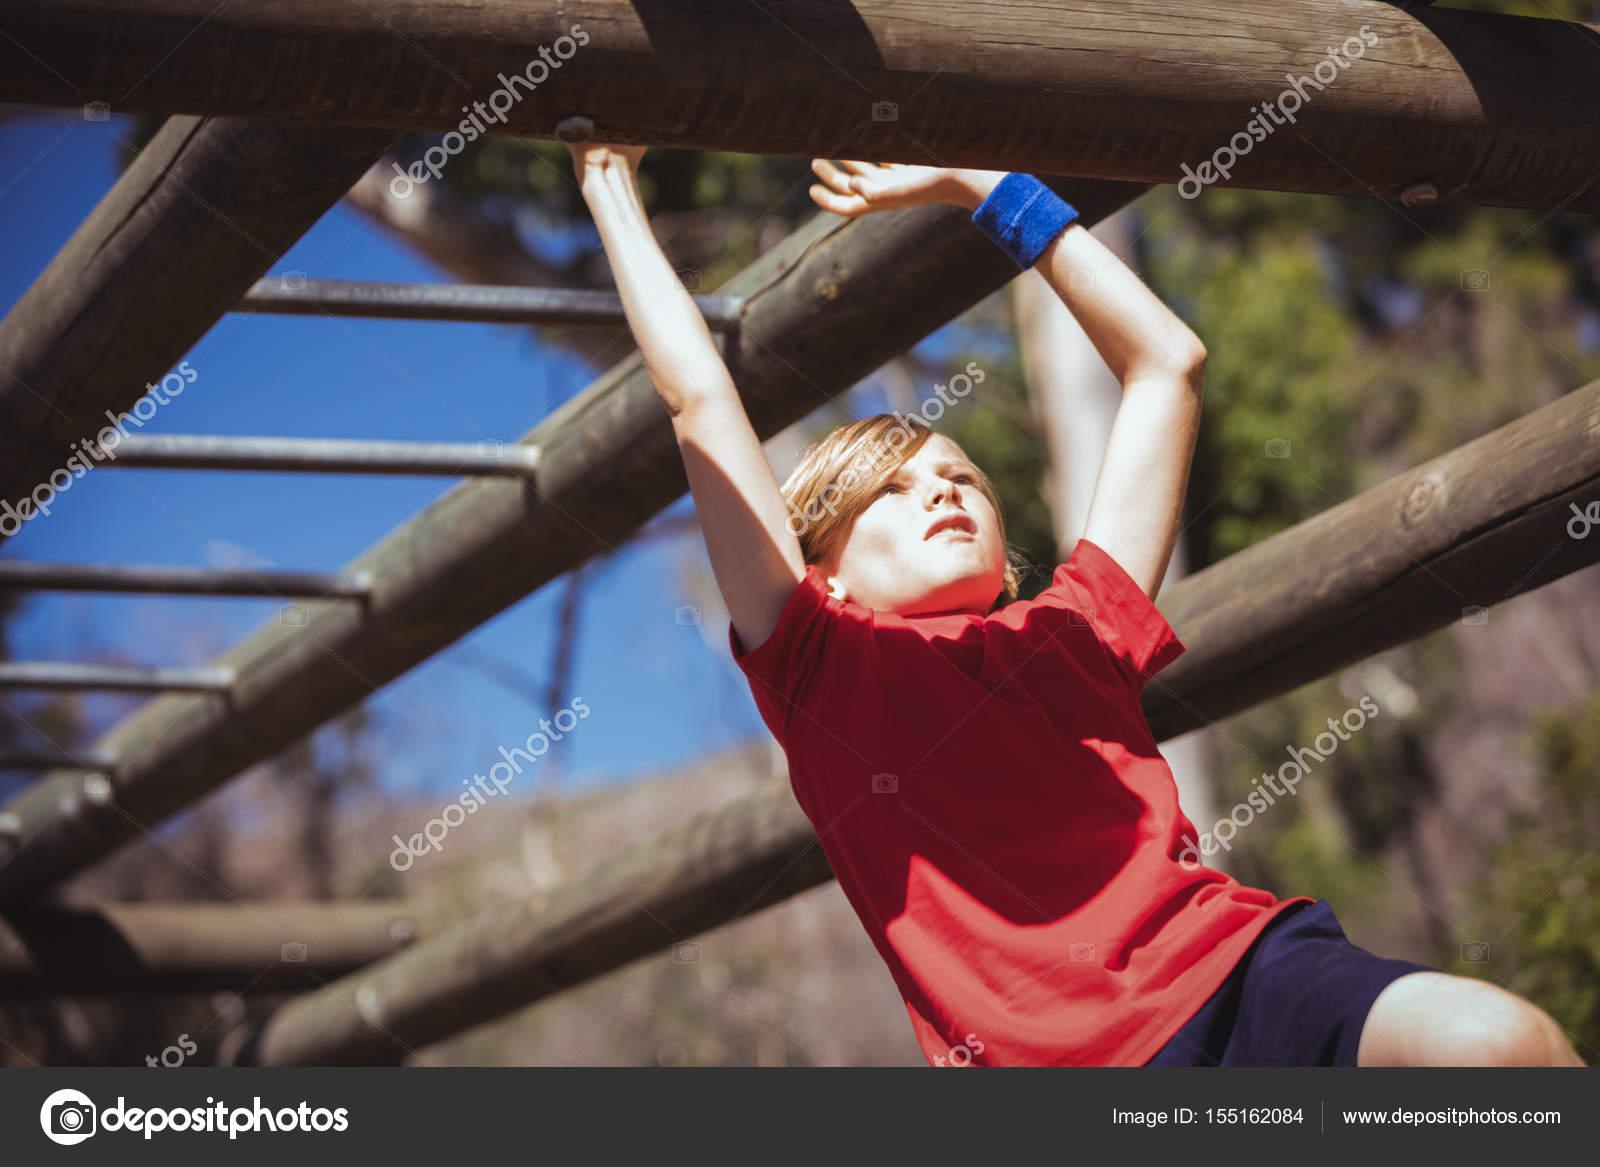 Klettergerüst Monkey Bar Gebraucht : Mädchen klettern klettergerüst u stockfoto wavebreakmedia